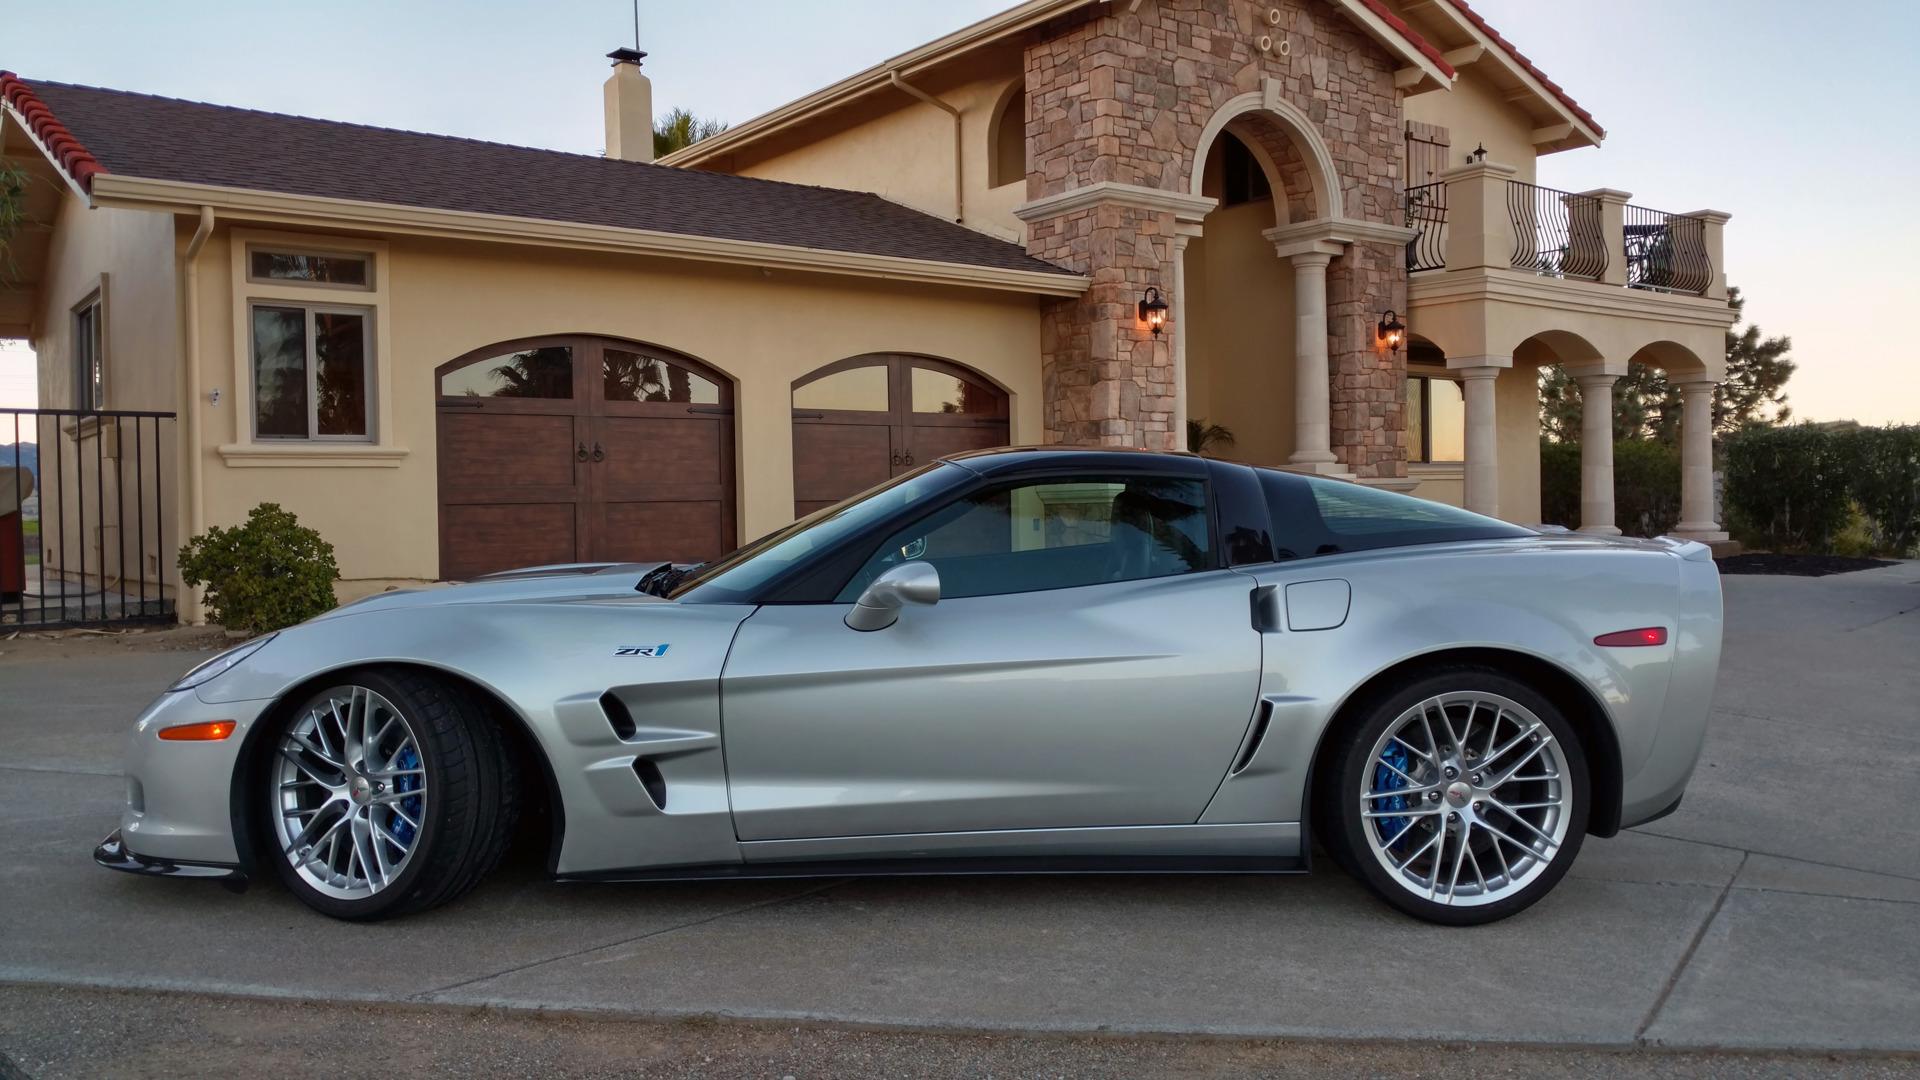 243-2010 Chevrolet Corvette ZR 01. Eier- medlem 24